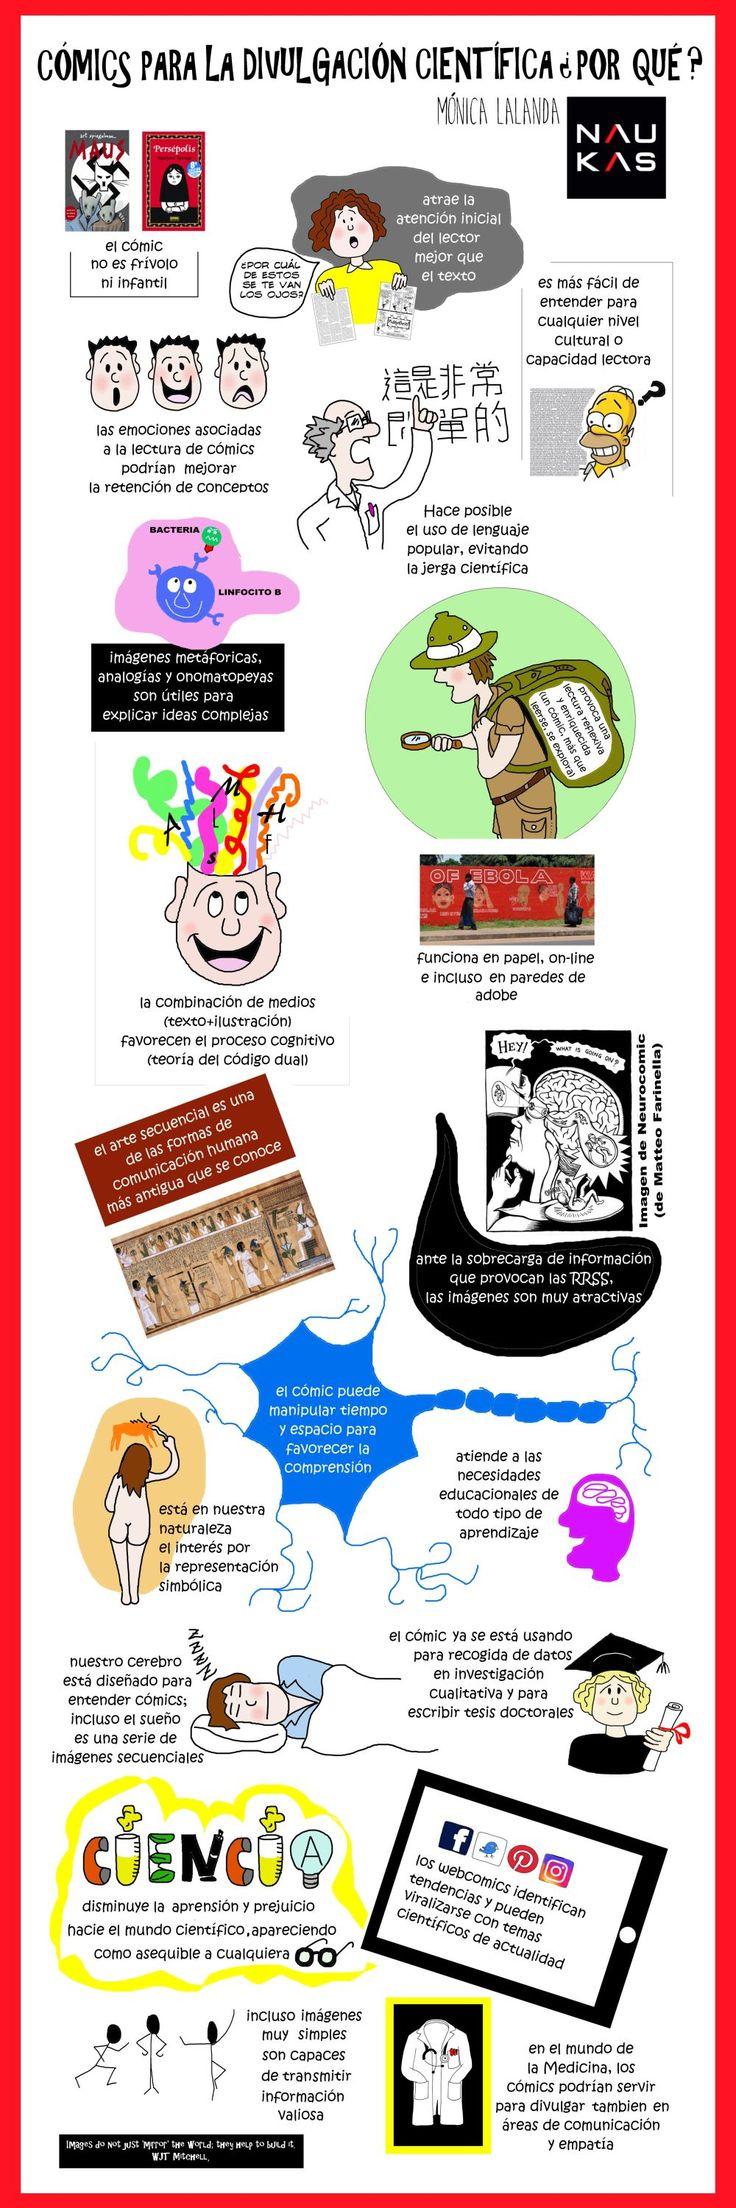 Infografía realizada por Mónica Lalanda para Naukas.com